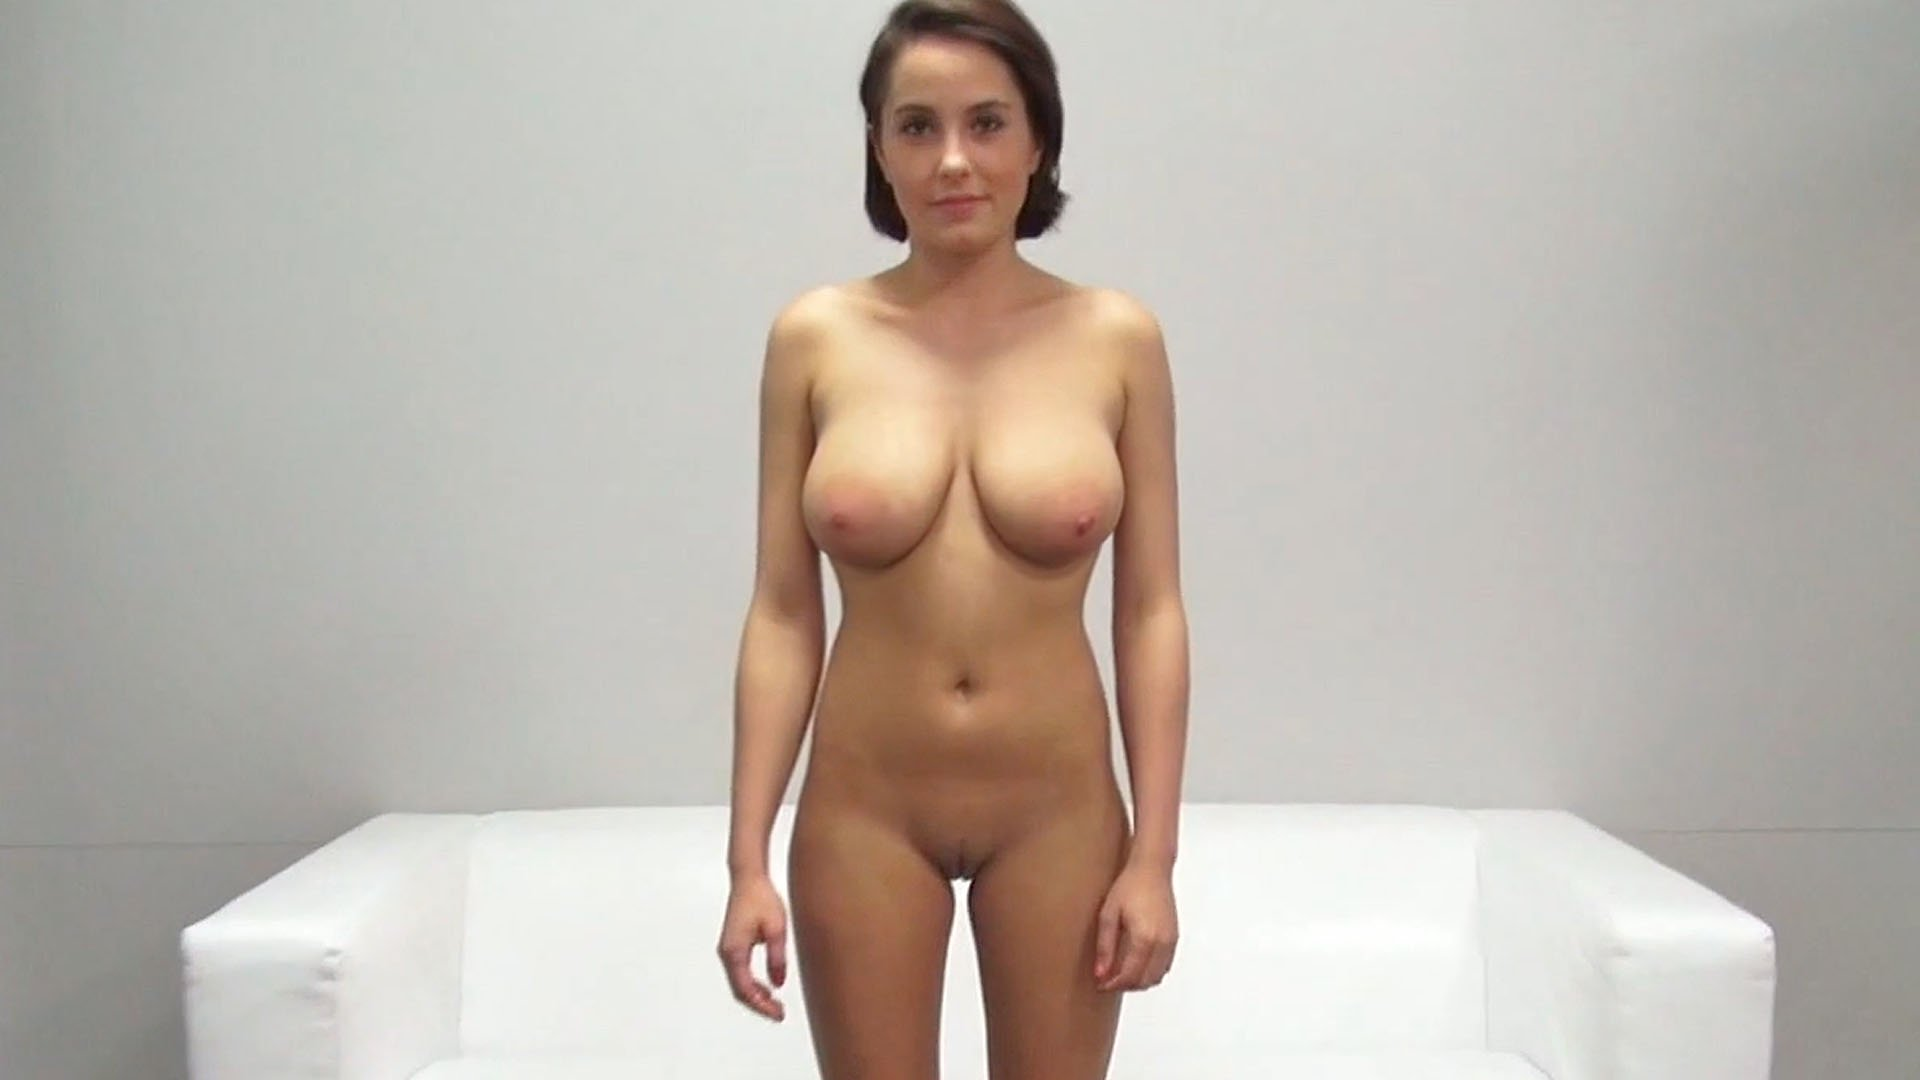 Big Natural Tits Sports Bra